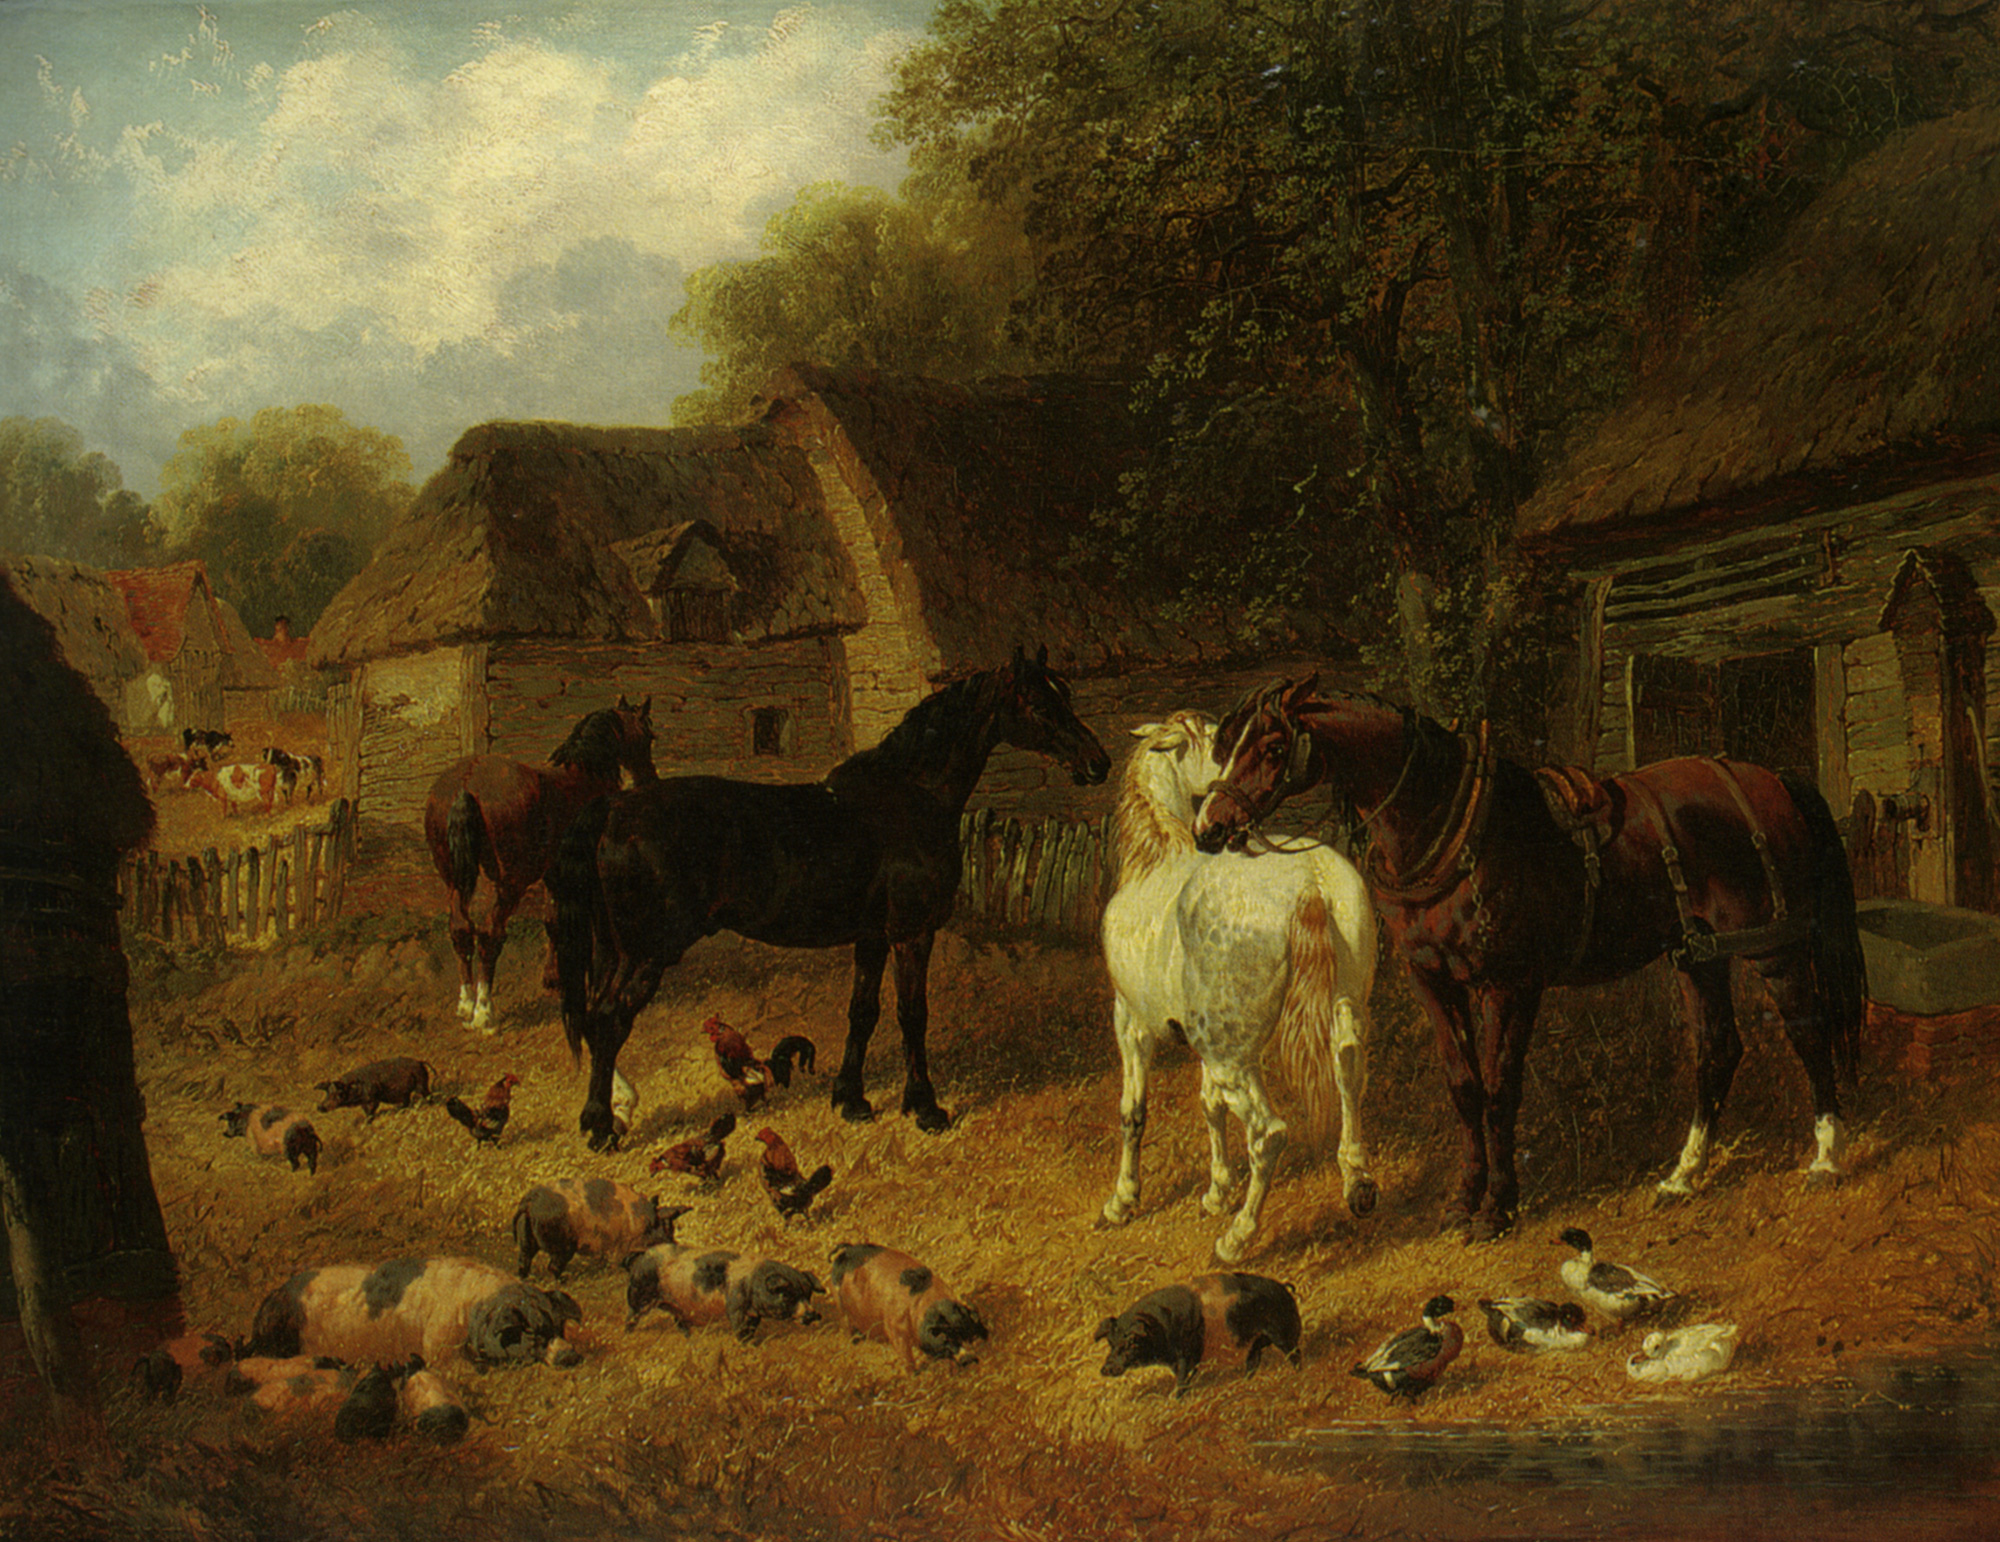 Horses Pigs and Ducks Outside a Stable :: John Frederick Herring, Jnr. - Horses in art ôîòî